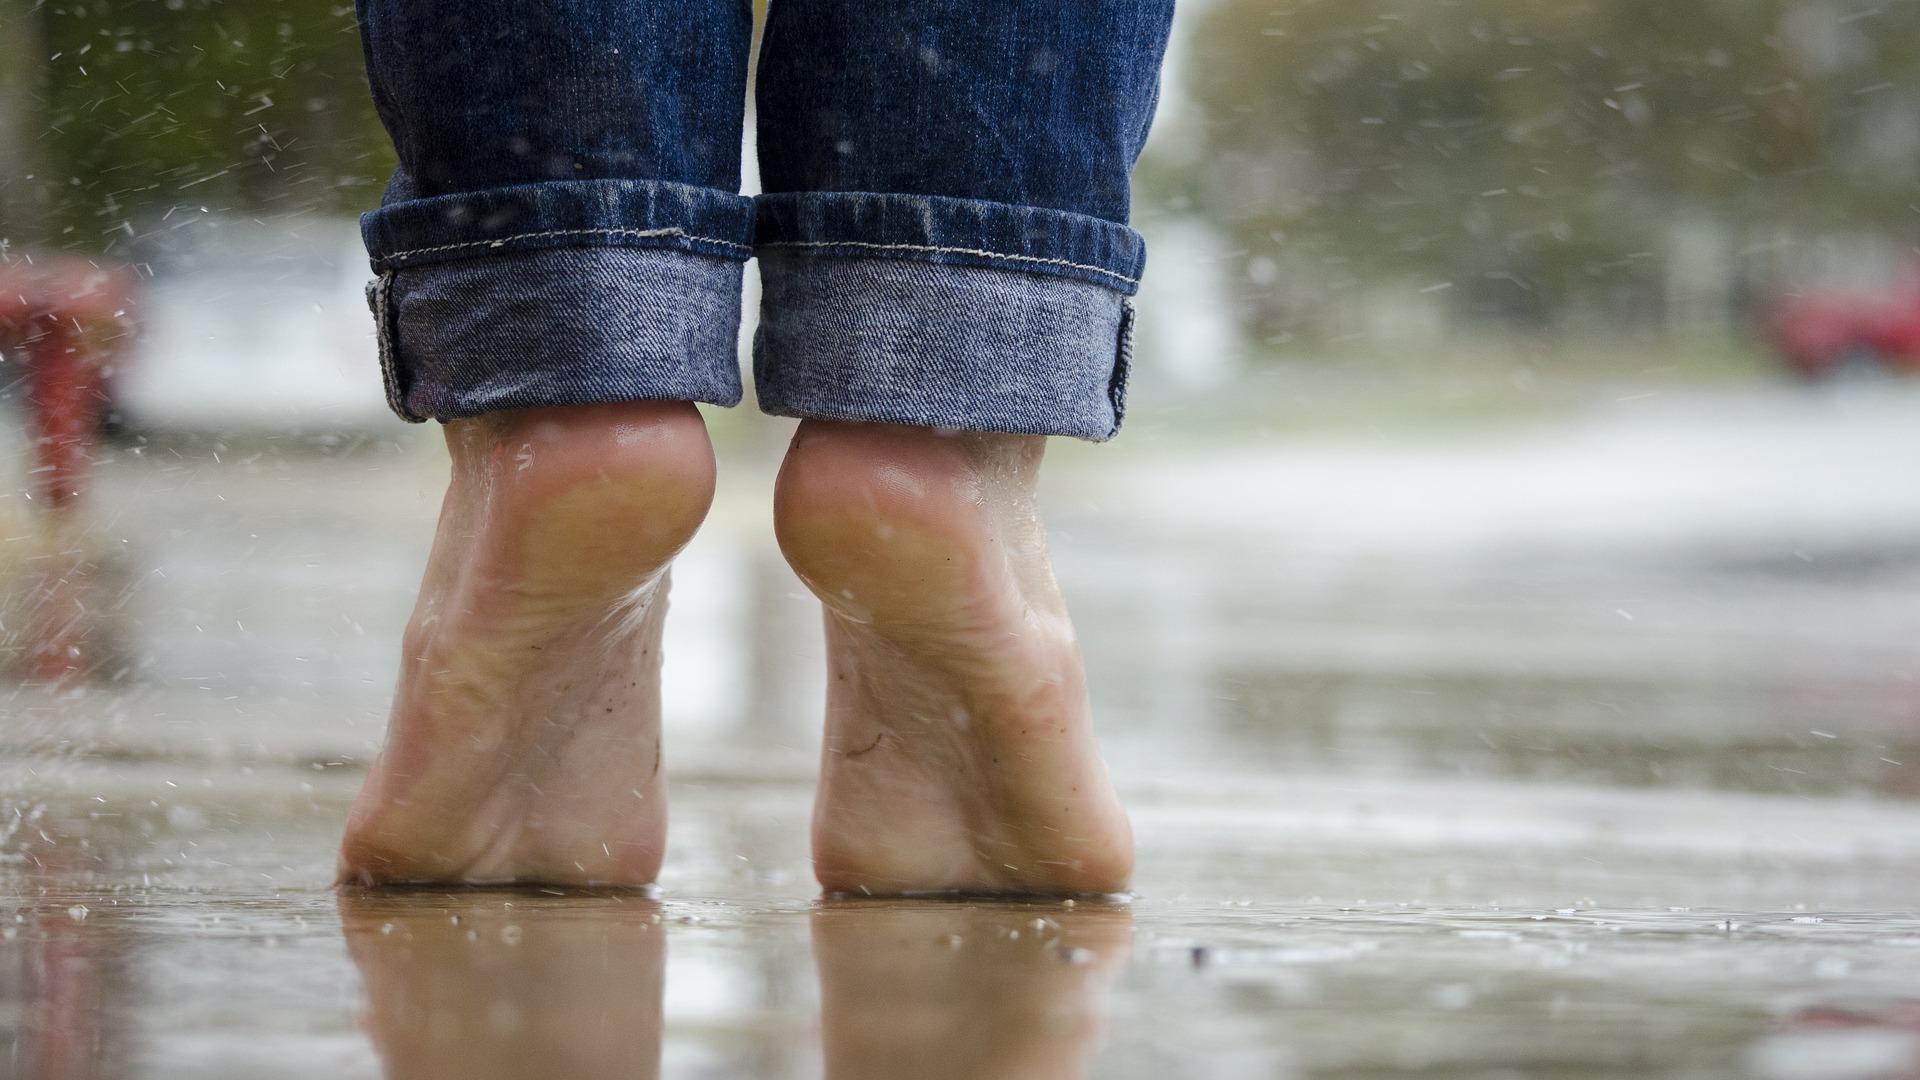 Sie sollten die Fußmuskulatur stärken, falls Sie Beschwerden beim Gehen haben.